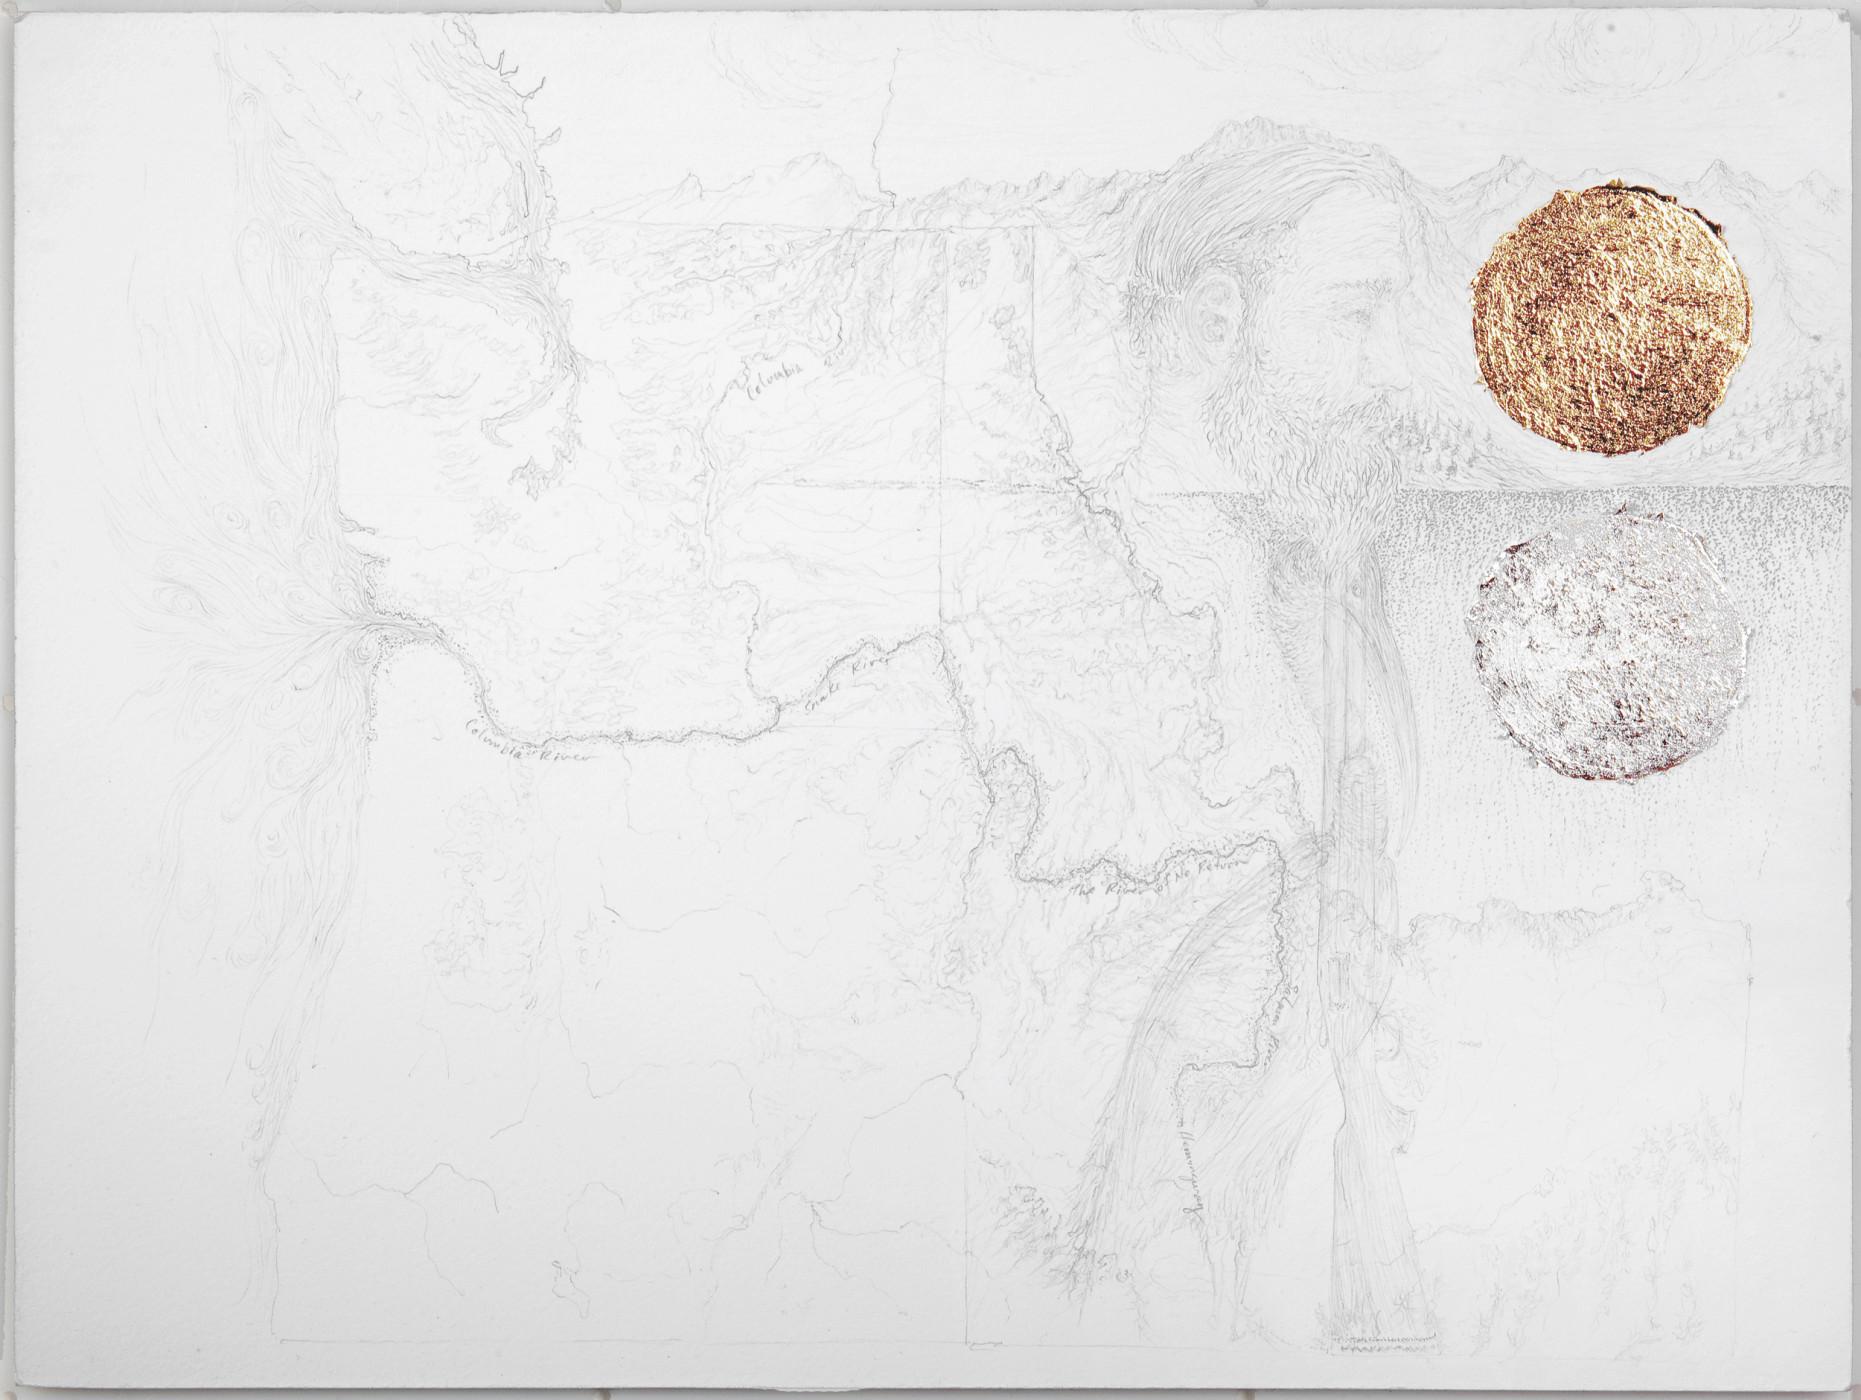 """<div class=""""artwork_caption""""><p>KA: River of No Return, 2010</p></div>"""